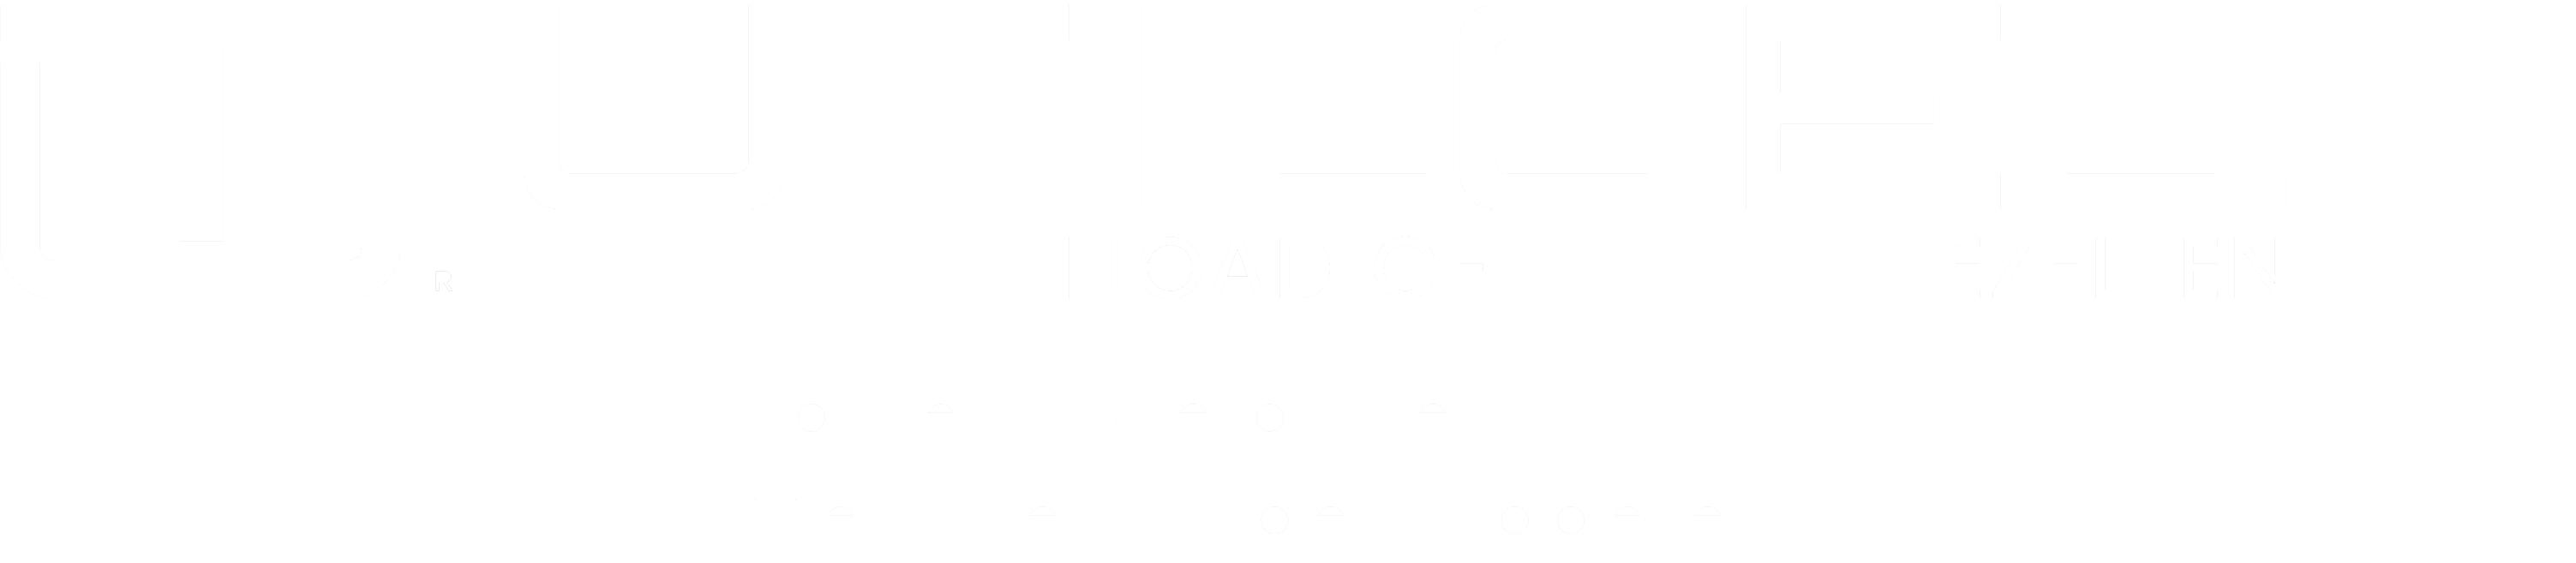 Logo white utilcell